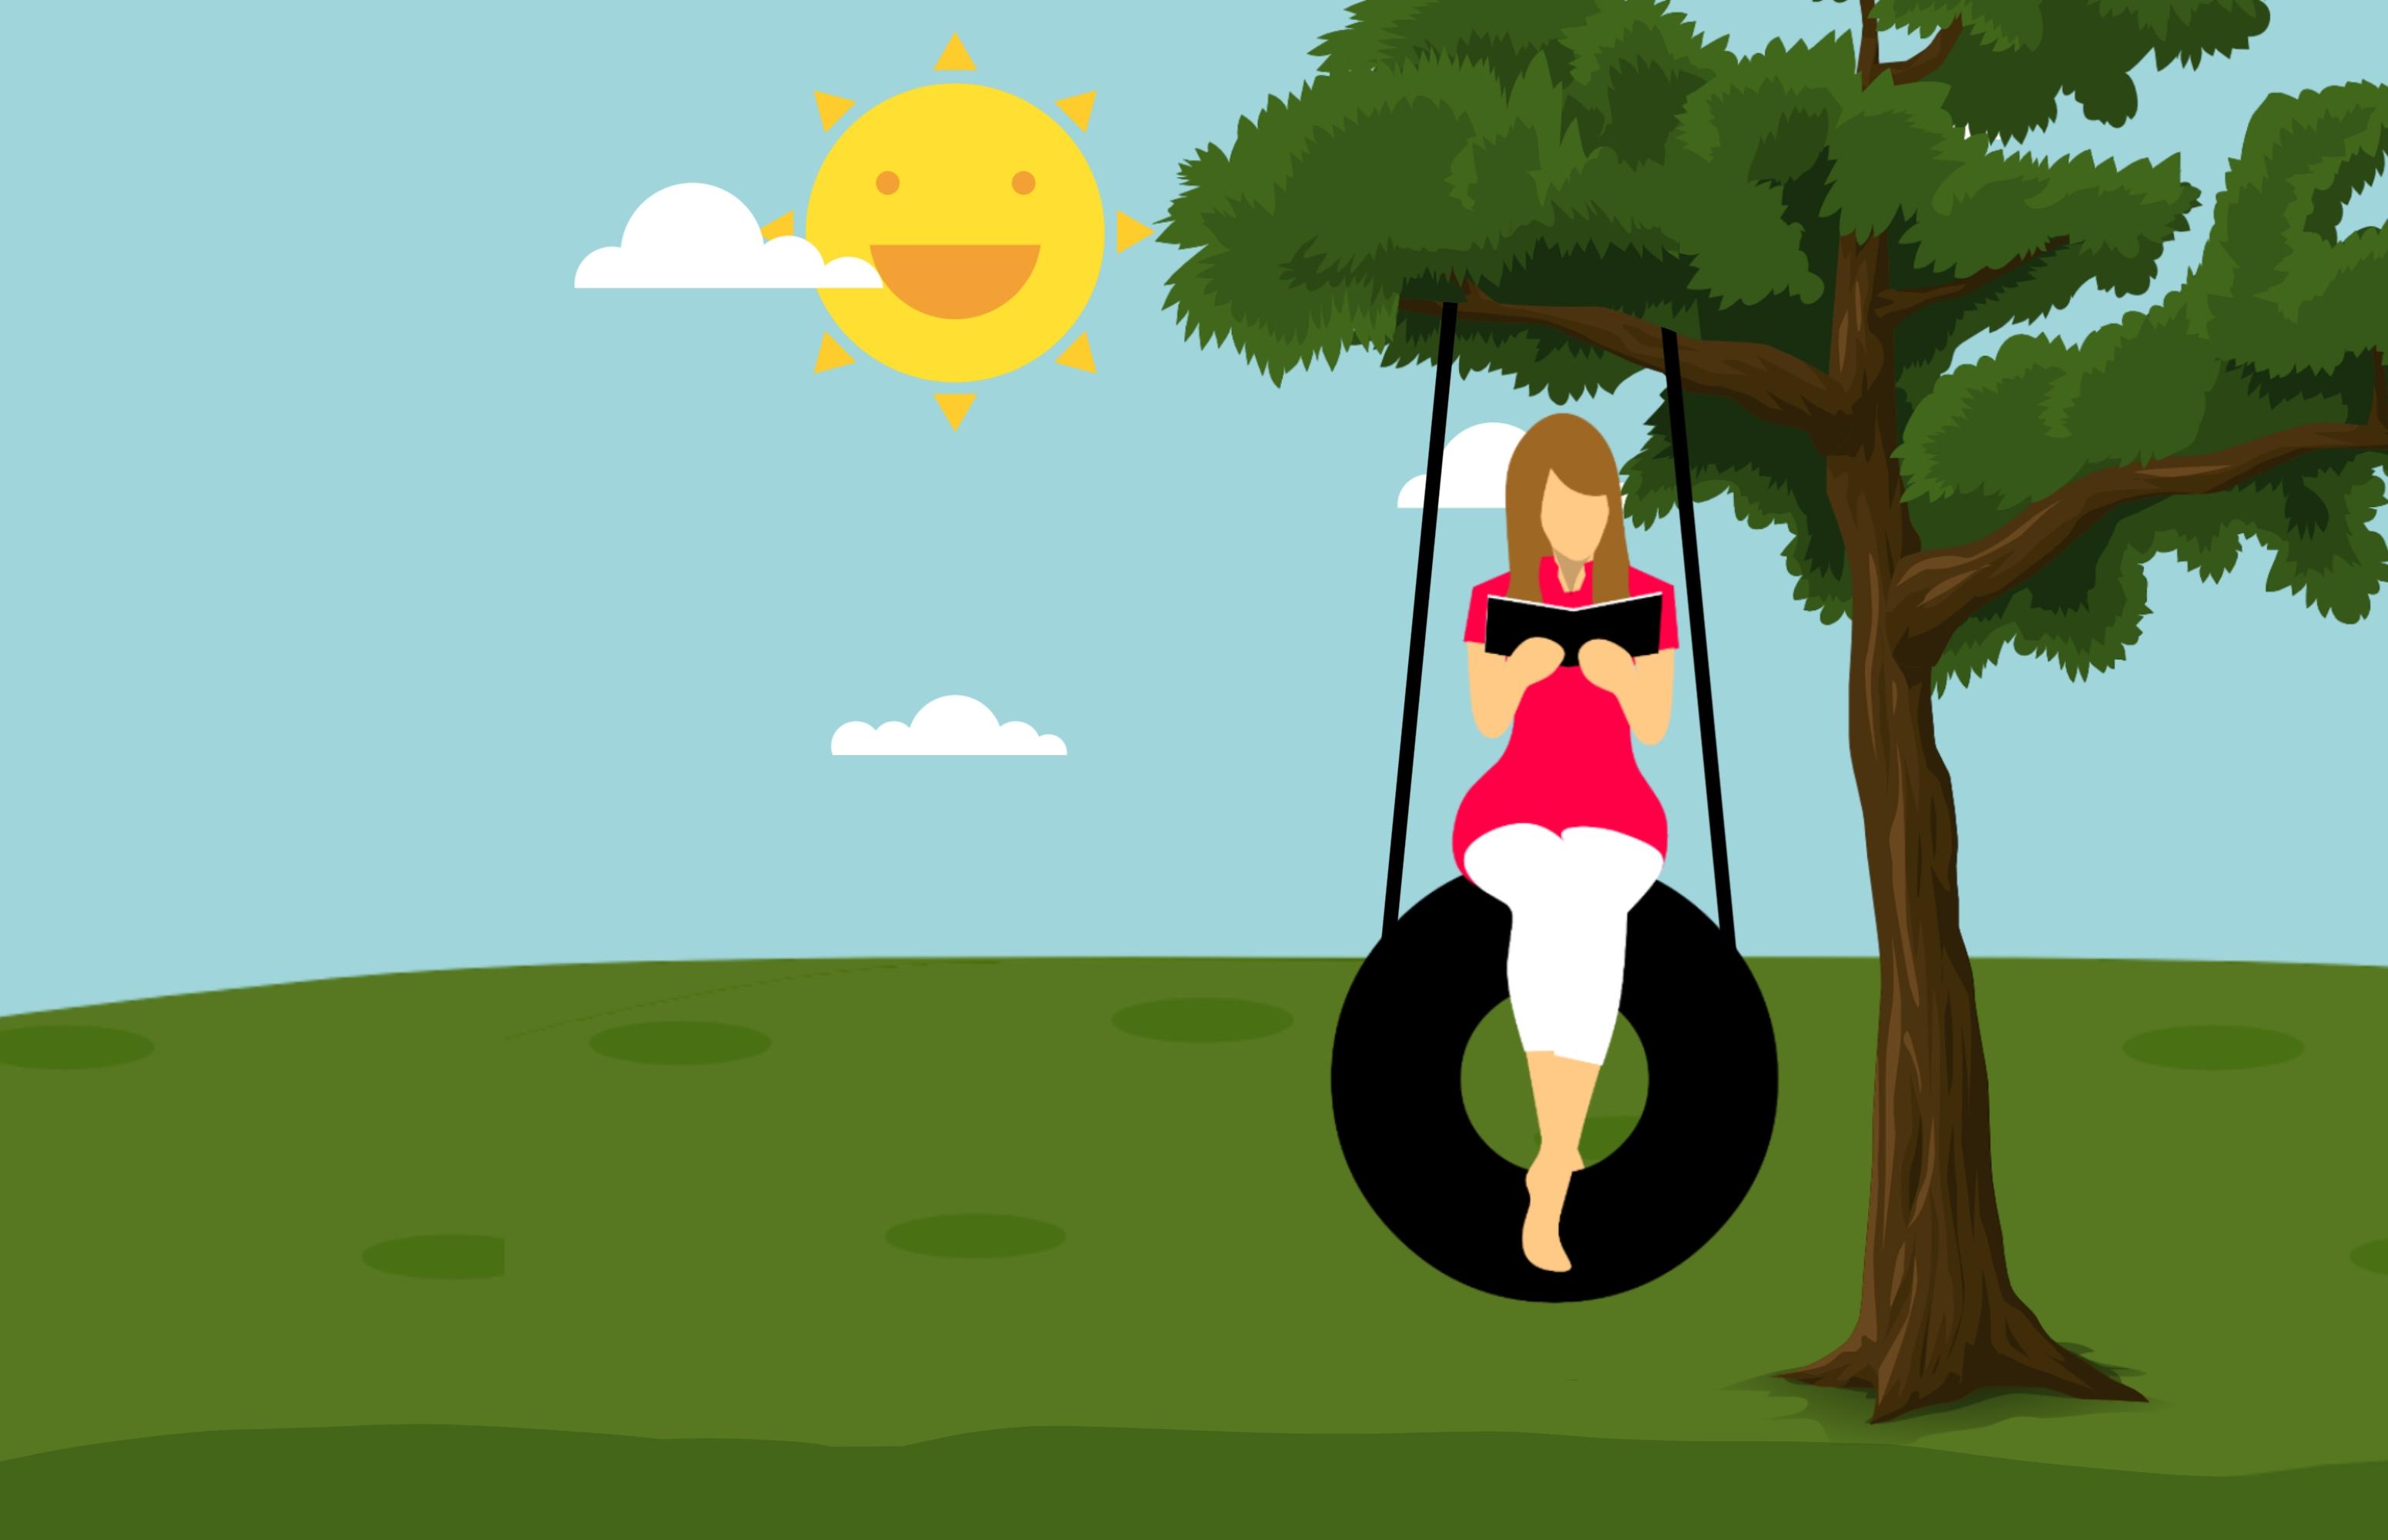 Feliz dia del padre de diseno grafico clipart image royalty free download Fotos gratis : leyendo, mujer, oscilación, libro, árbol, sol ... image royalty free download